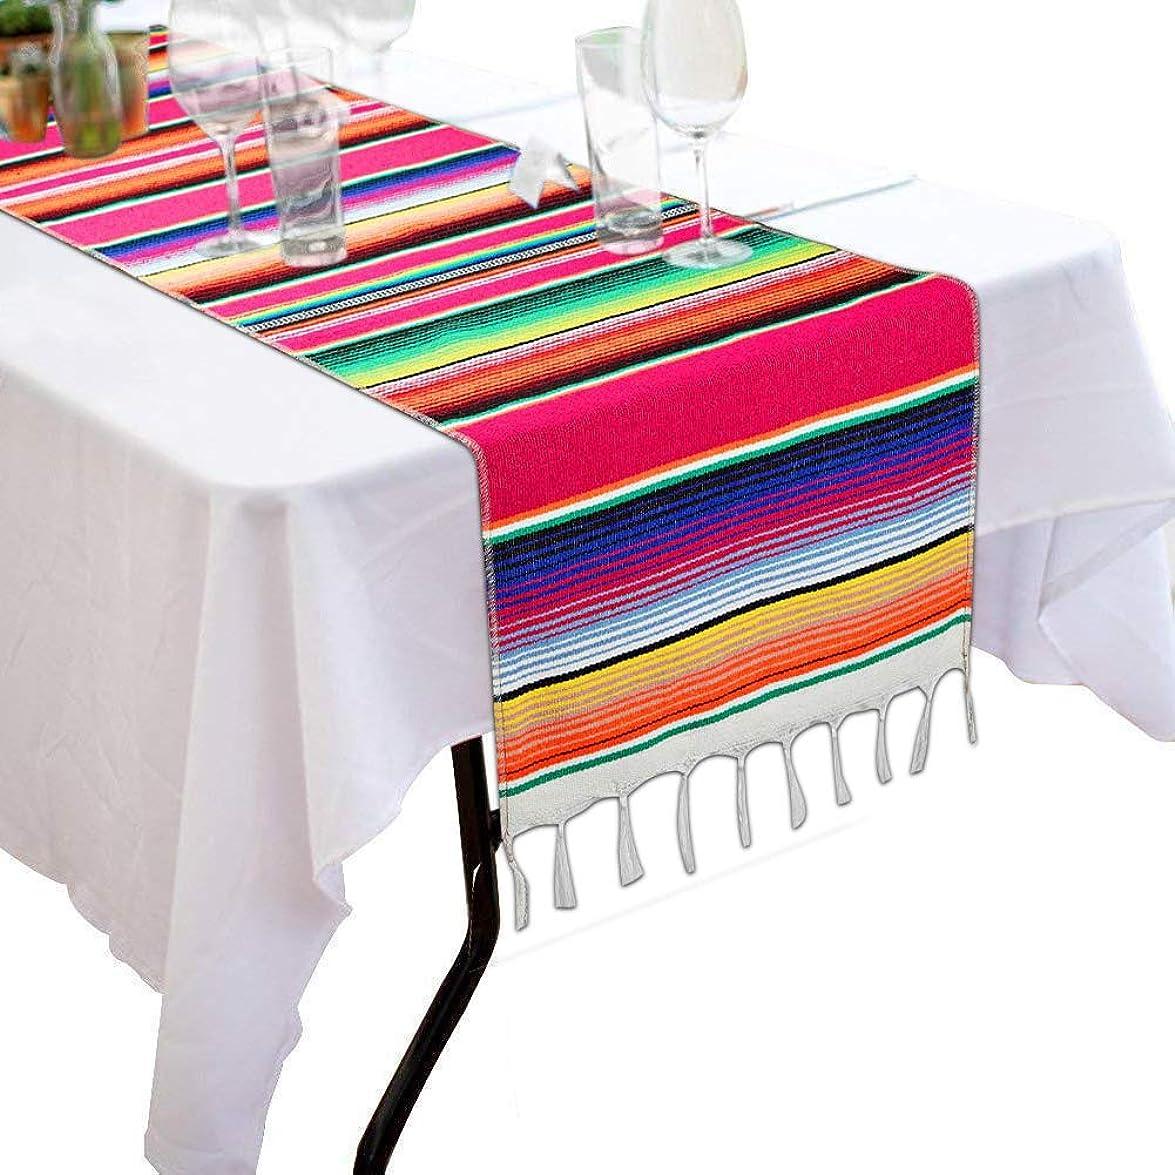 緊張する創造額Morinostation メキシカンテーブルランナー 14 x 84インチ メキシカンパーティーウェディングデコレーション フリンジコットンセラペブランケット テーブルランナー